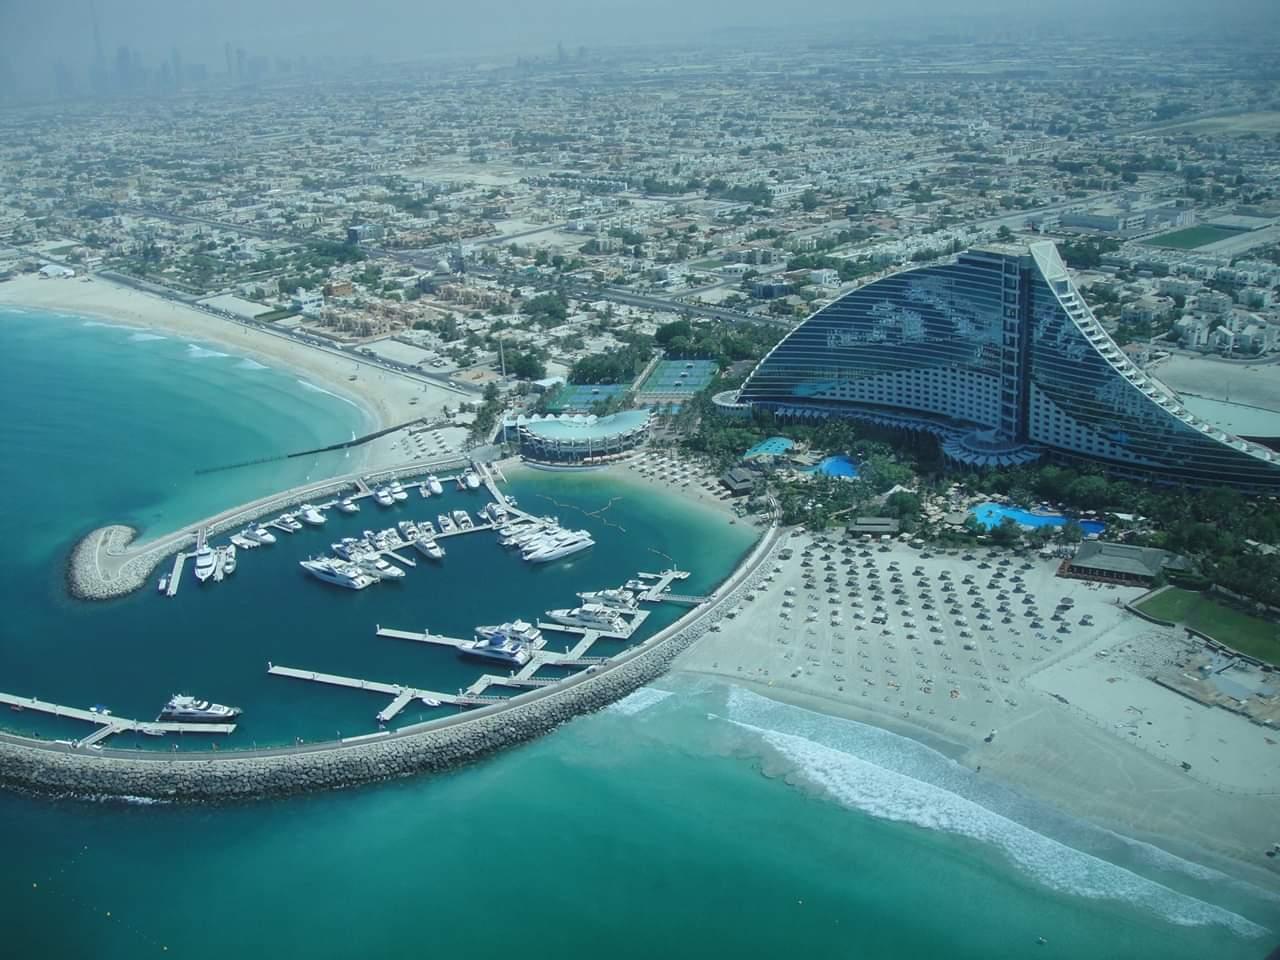 Dubaipic%20(3).jpg